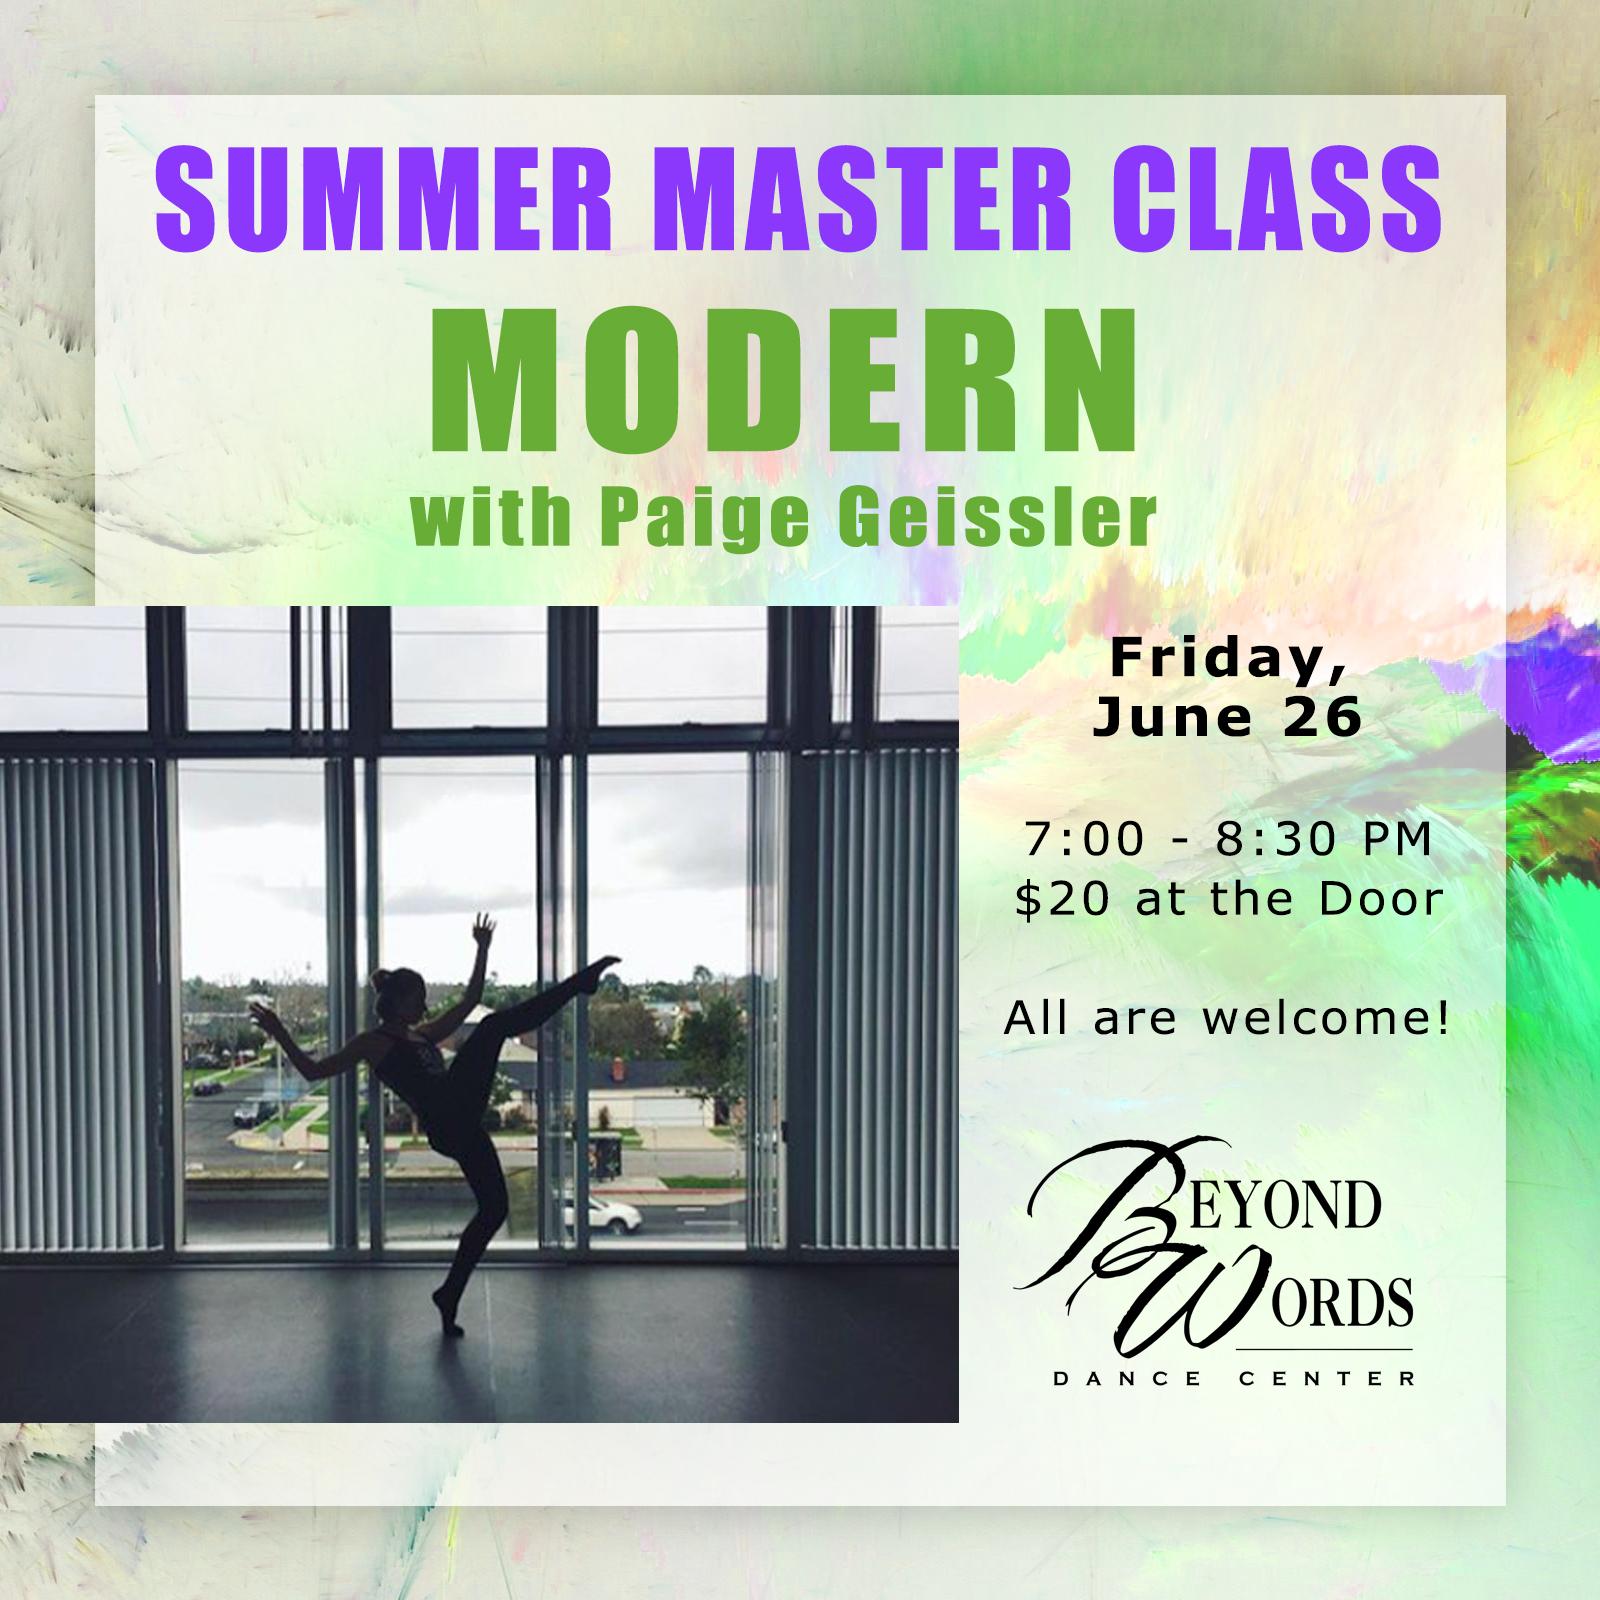 Summer Master Class - Modern